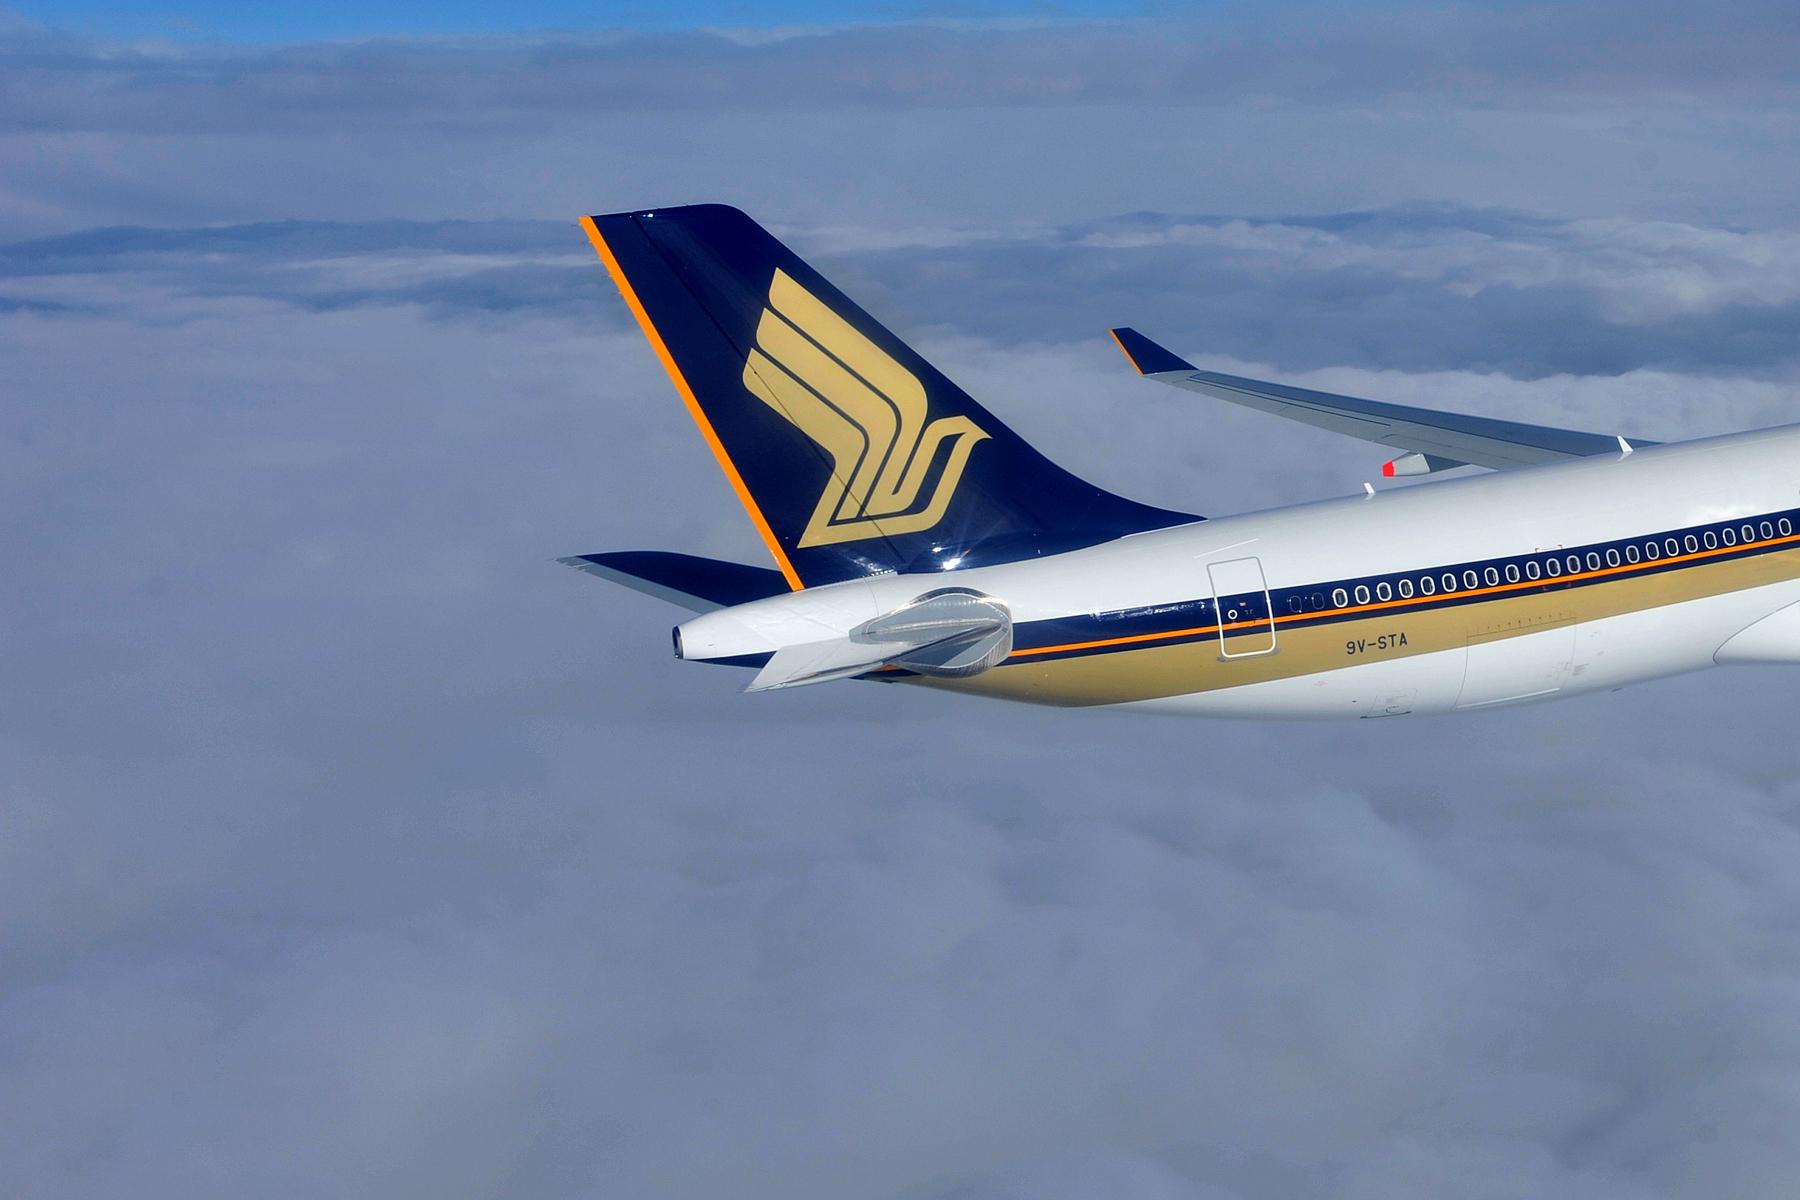 Singapore Airlines Fleet: April 2019